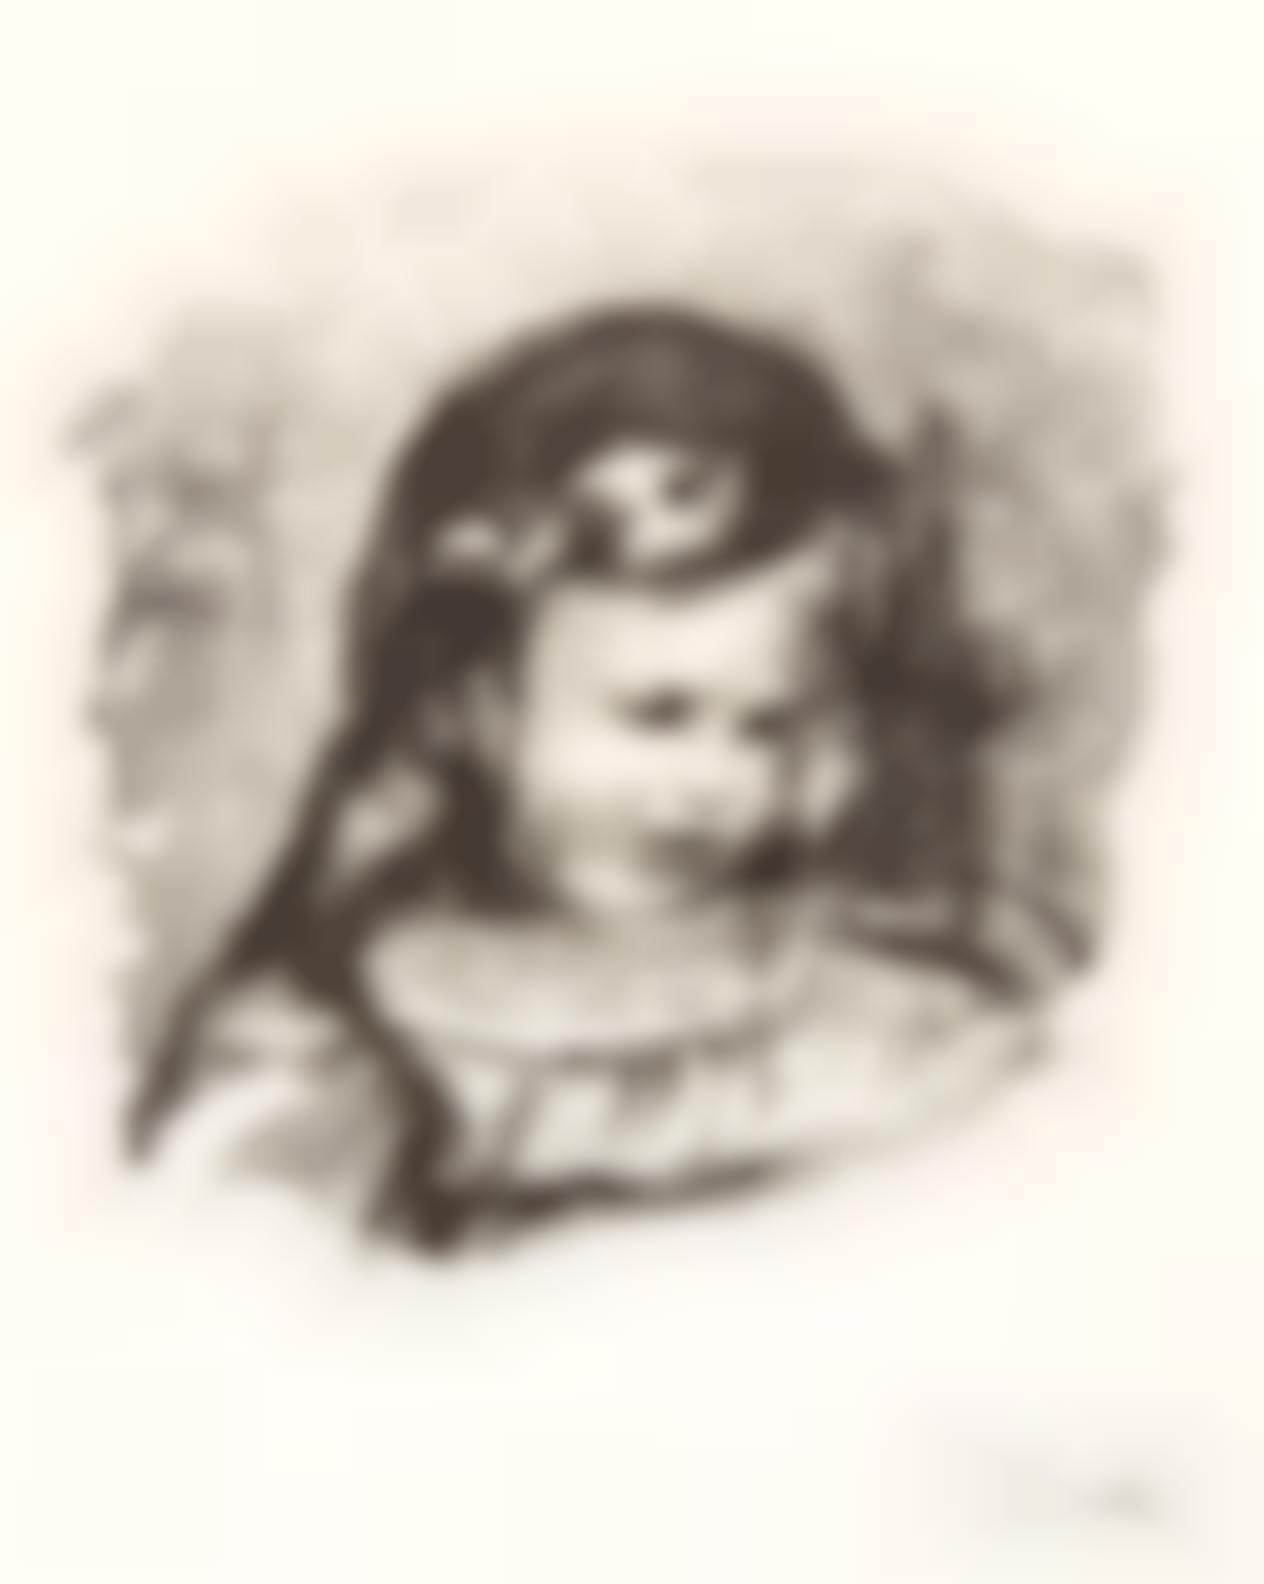 Pierre-Auguste Renoir-Claude Renoir, La Tete Baissee (D. 39), 1904-1904